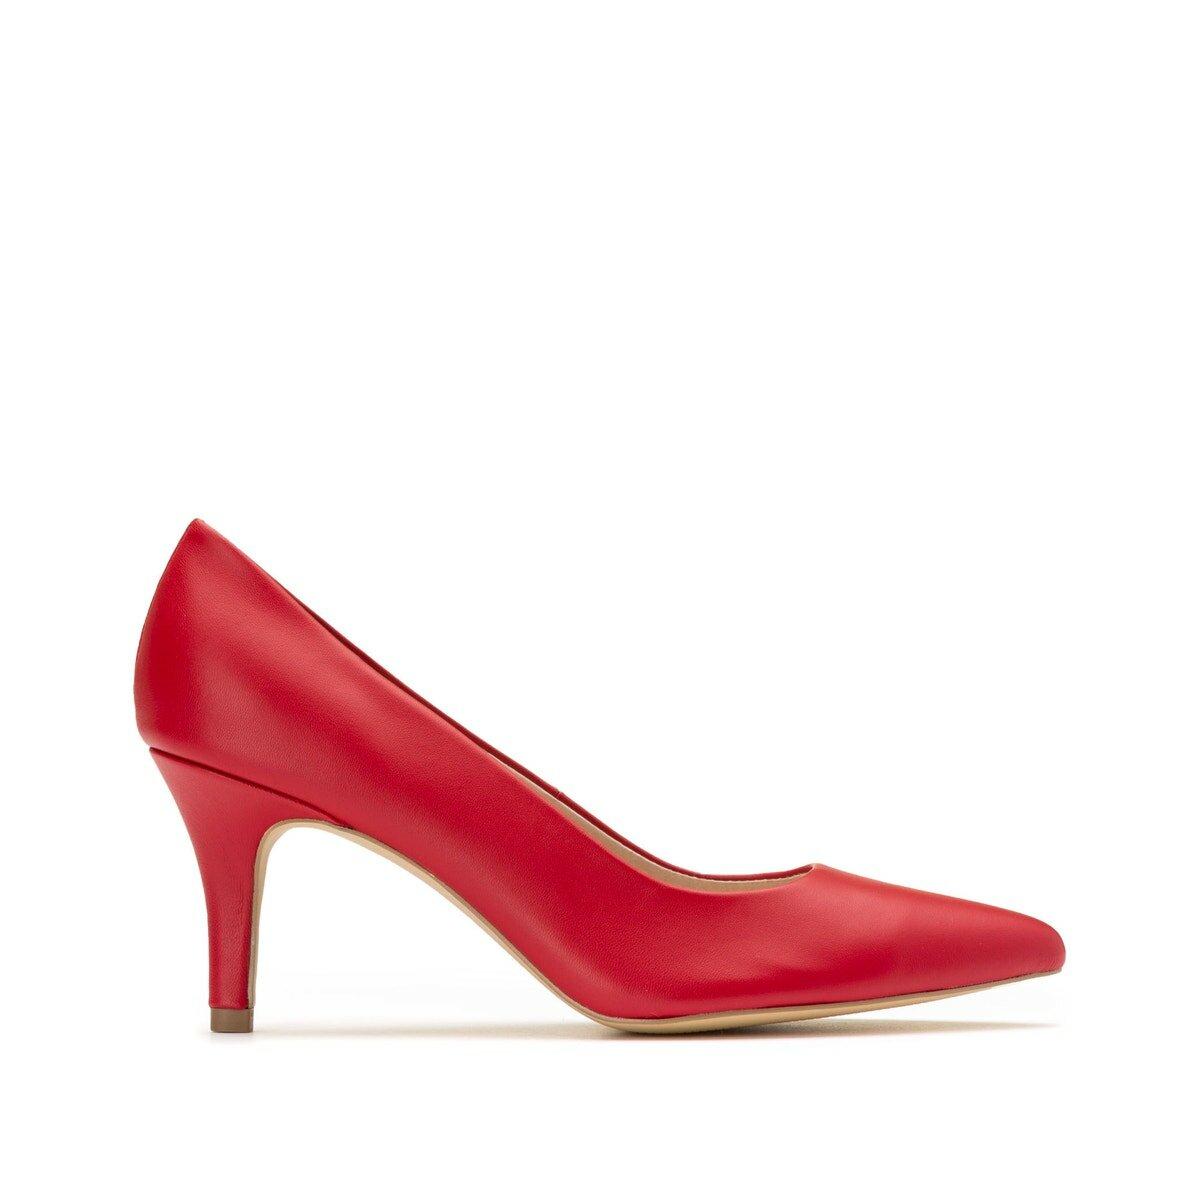 Туфли La Redoute Кожаные на высоком каблуке 37 золотистый